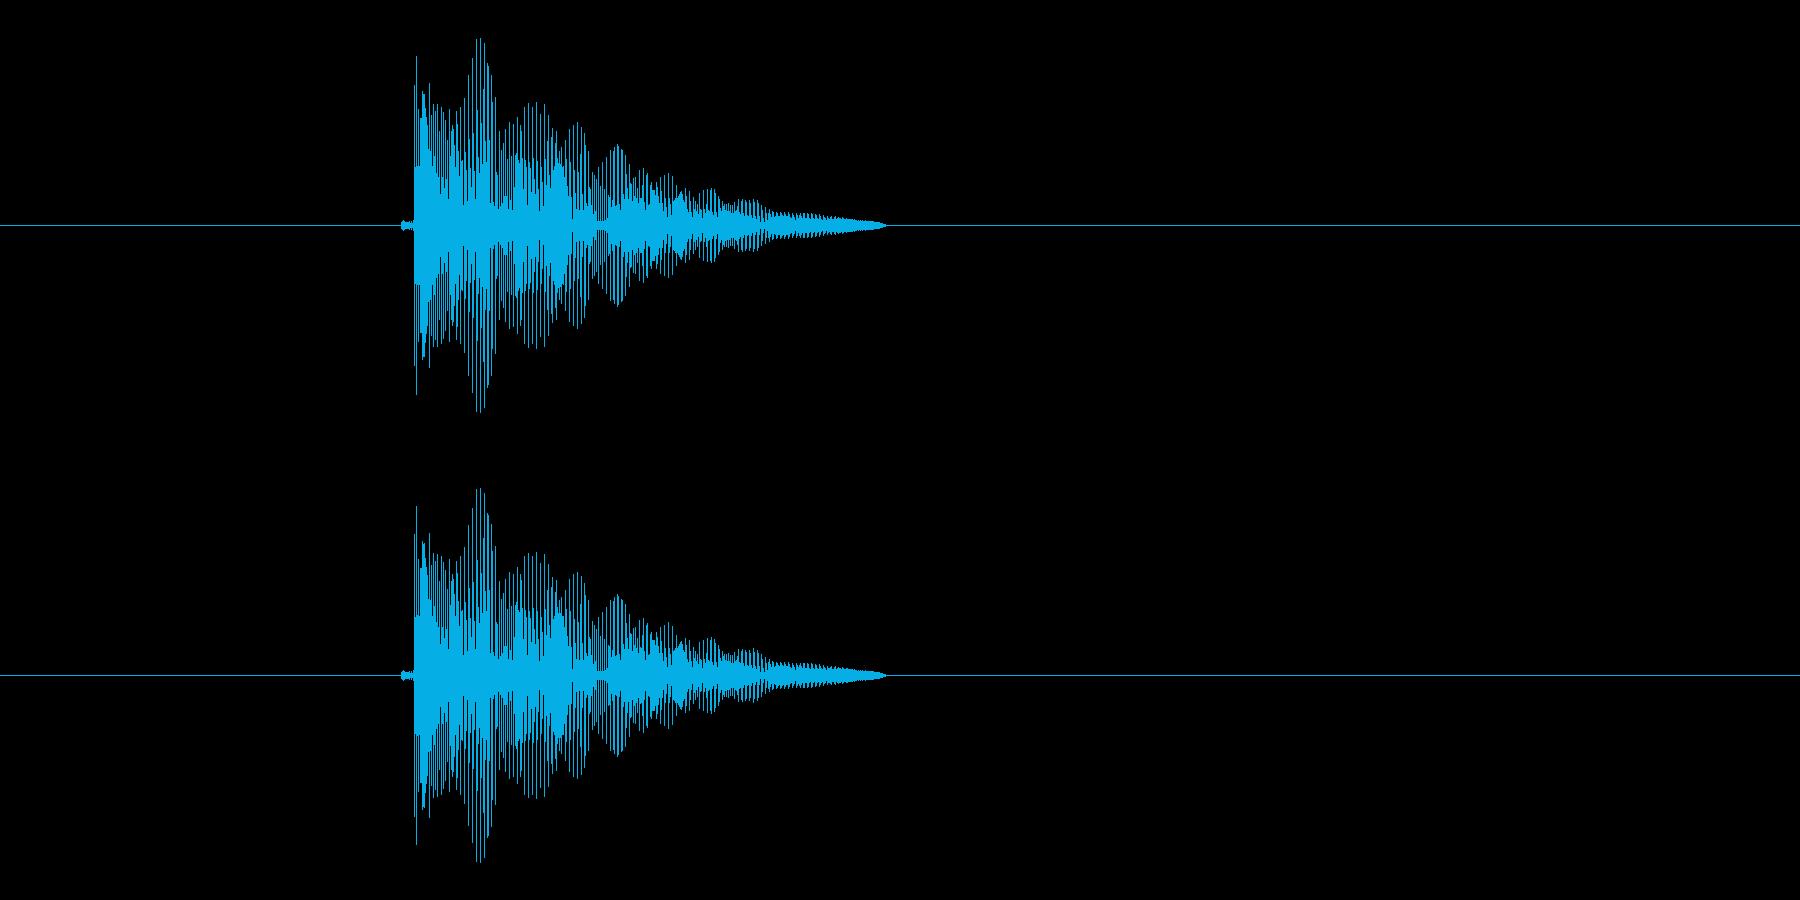 ピヨヨーン(クリック音、飛び跳ね音)の再生済みの波形